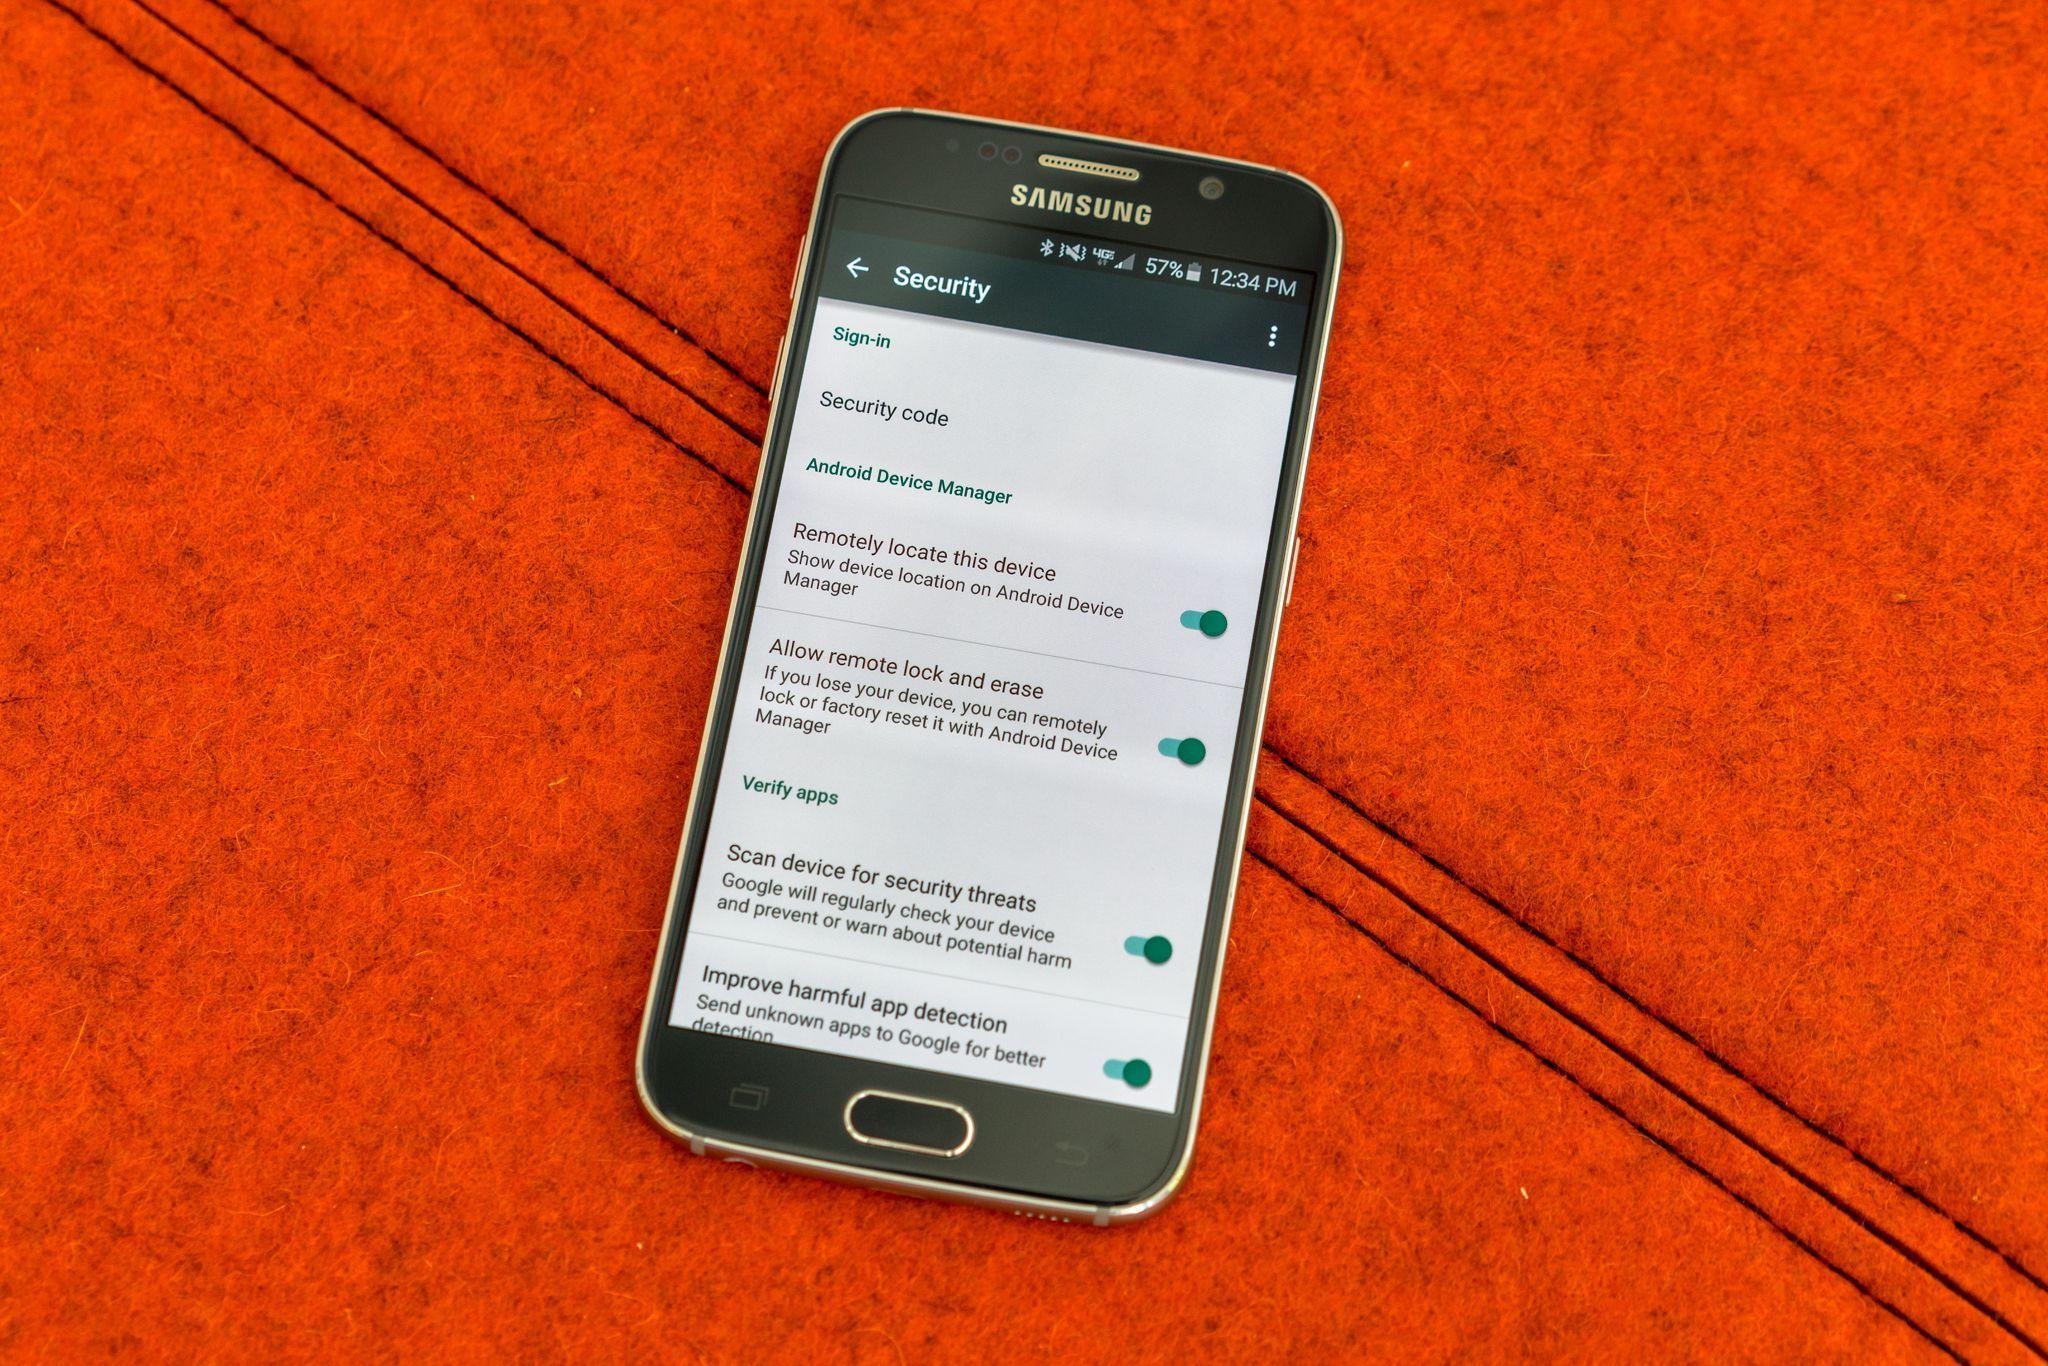 شرح لطريقة العثور على جهاز الأندرويد المفقود باستخدام تطبيق Find My Device نيوتك New Tech Find My Phone Phone Android Phone Hacks